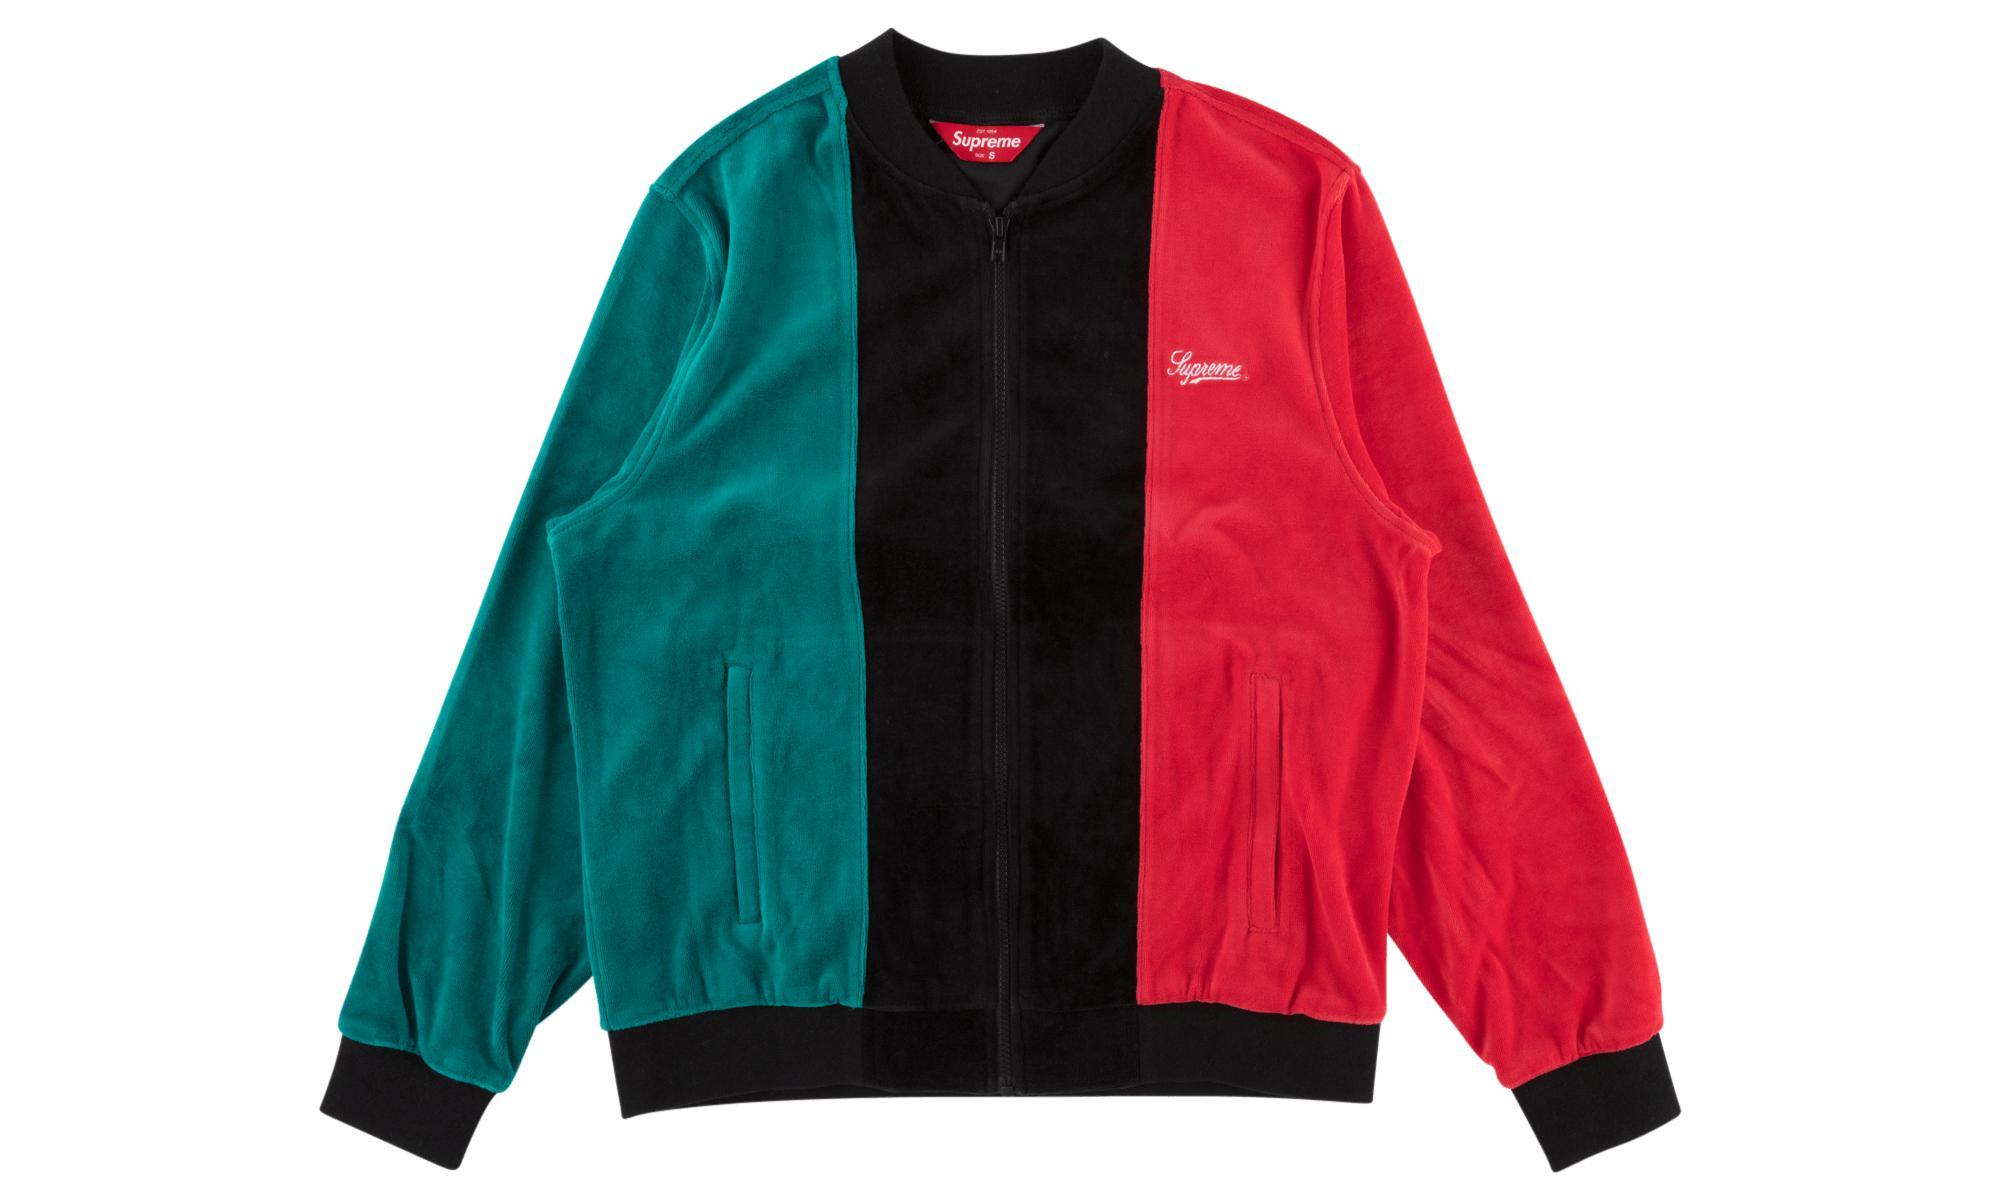 c08fdde55446 Lyst - Supreme Velour Zip Up Sweatshirt in Black for Men